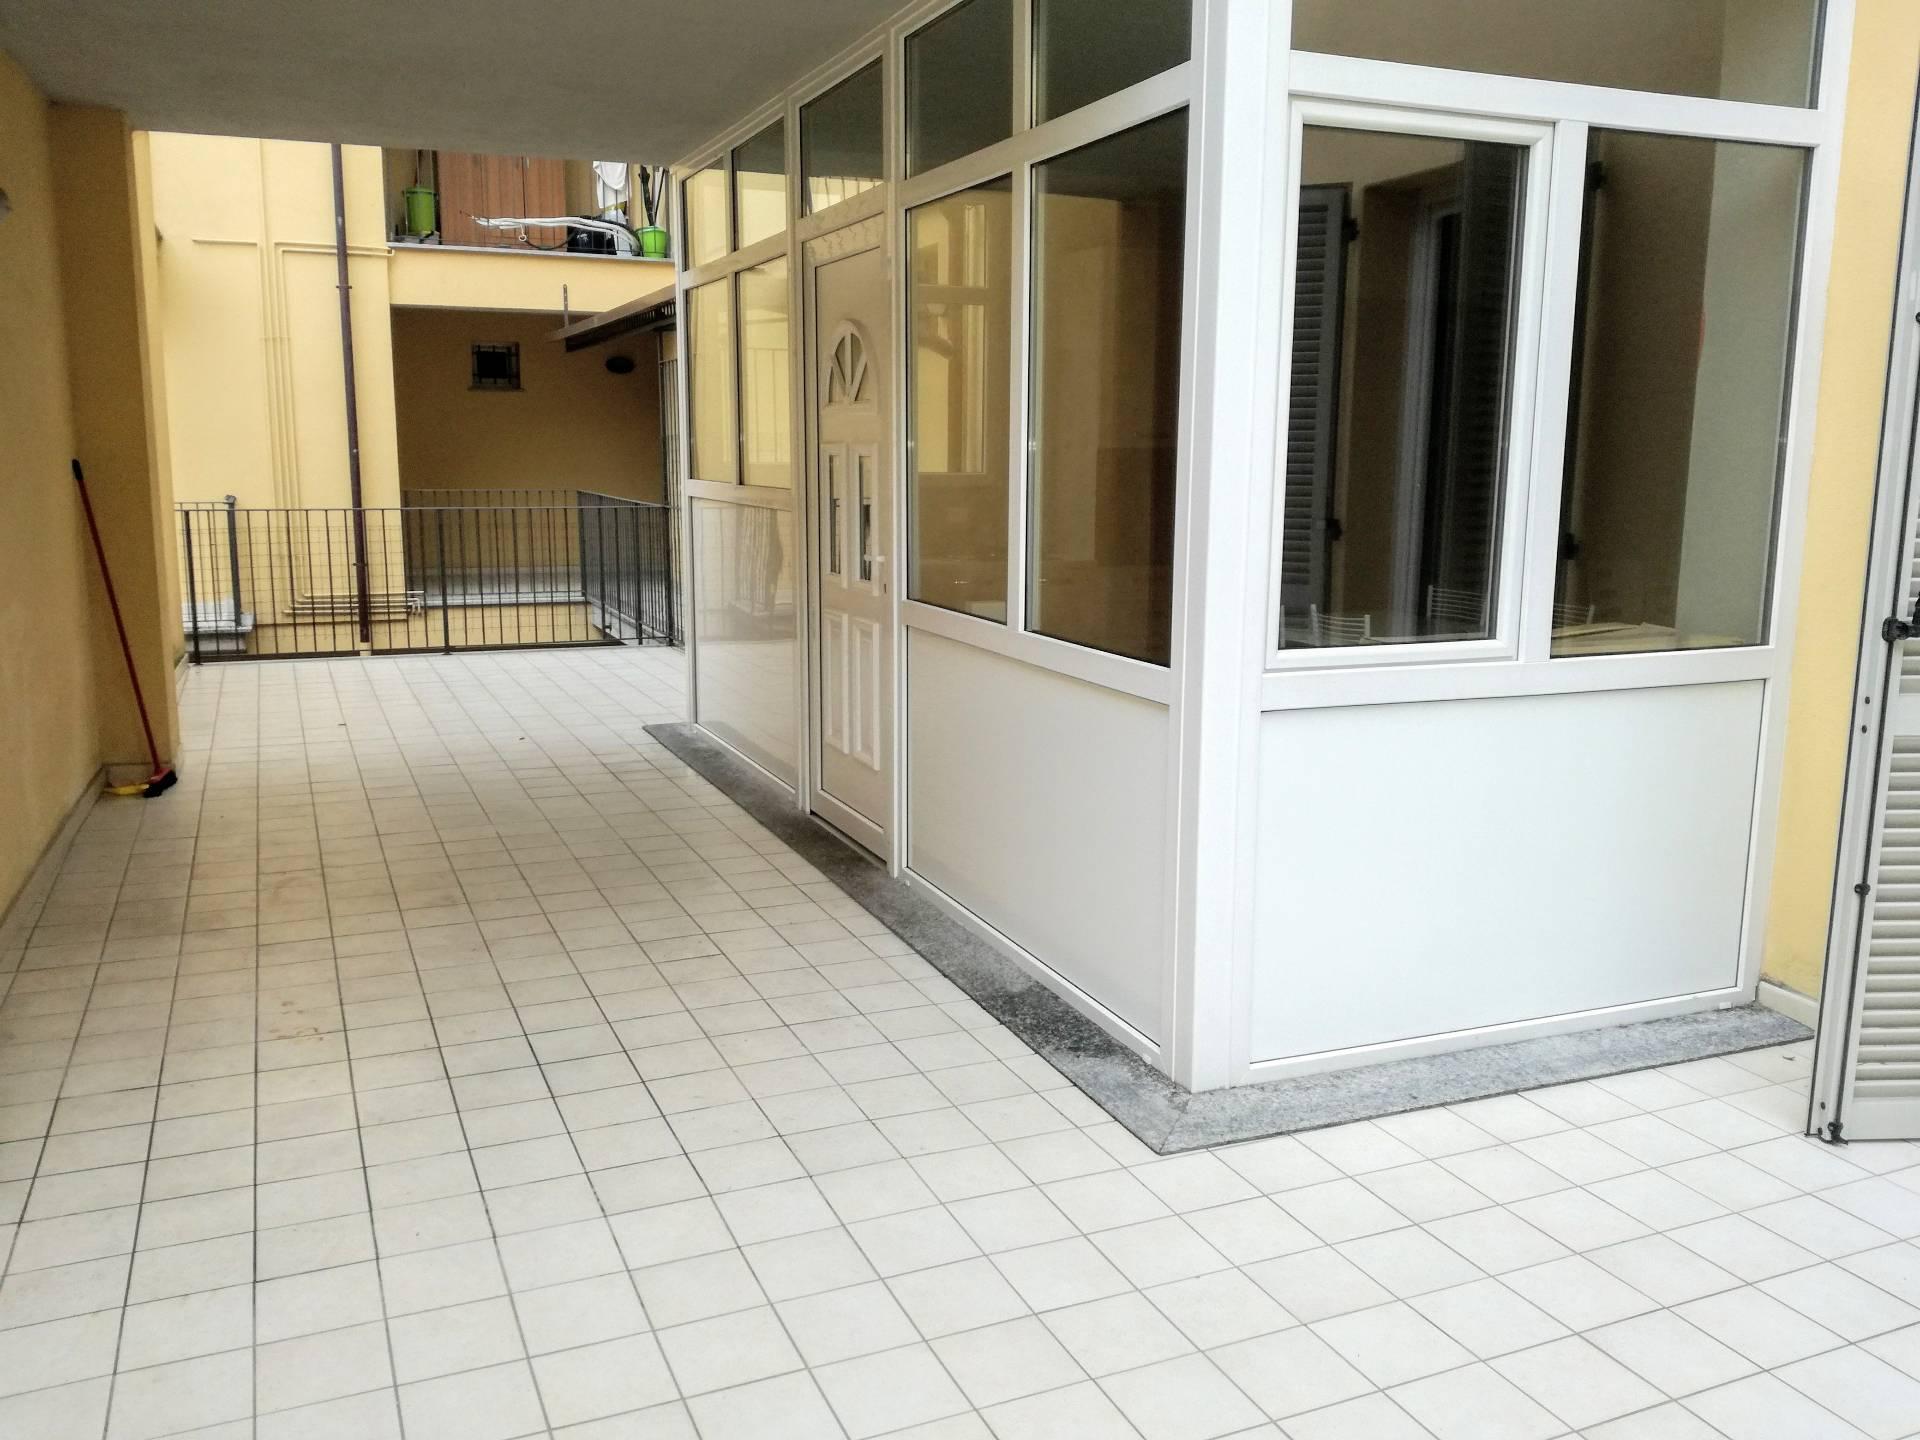 Appartamento in affitto a Casale Monferrato, 2 locali, prezzo € 390 | Cambio Casa.it